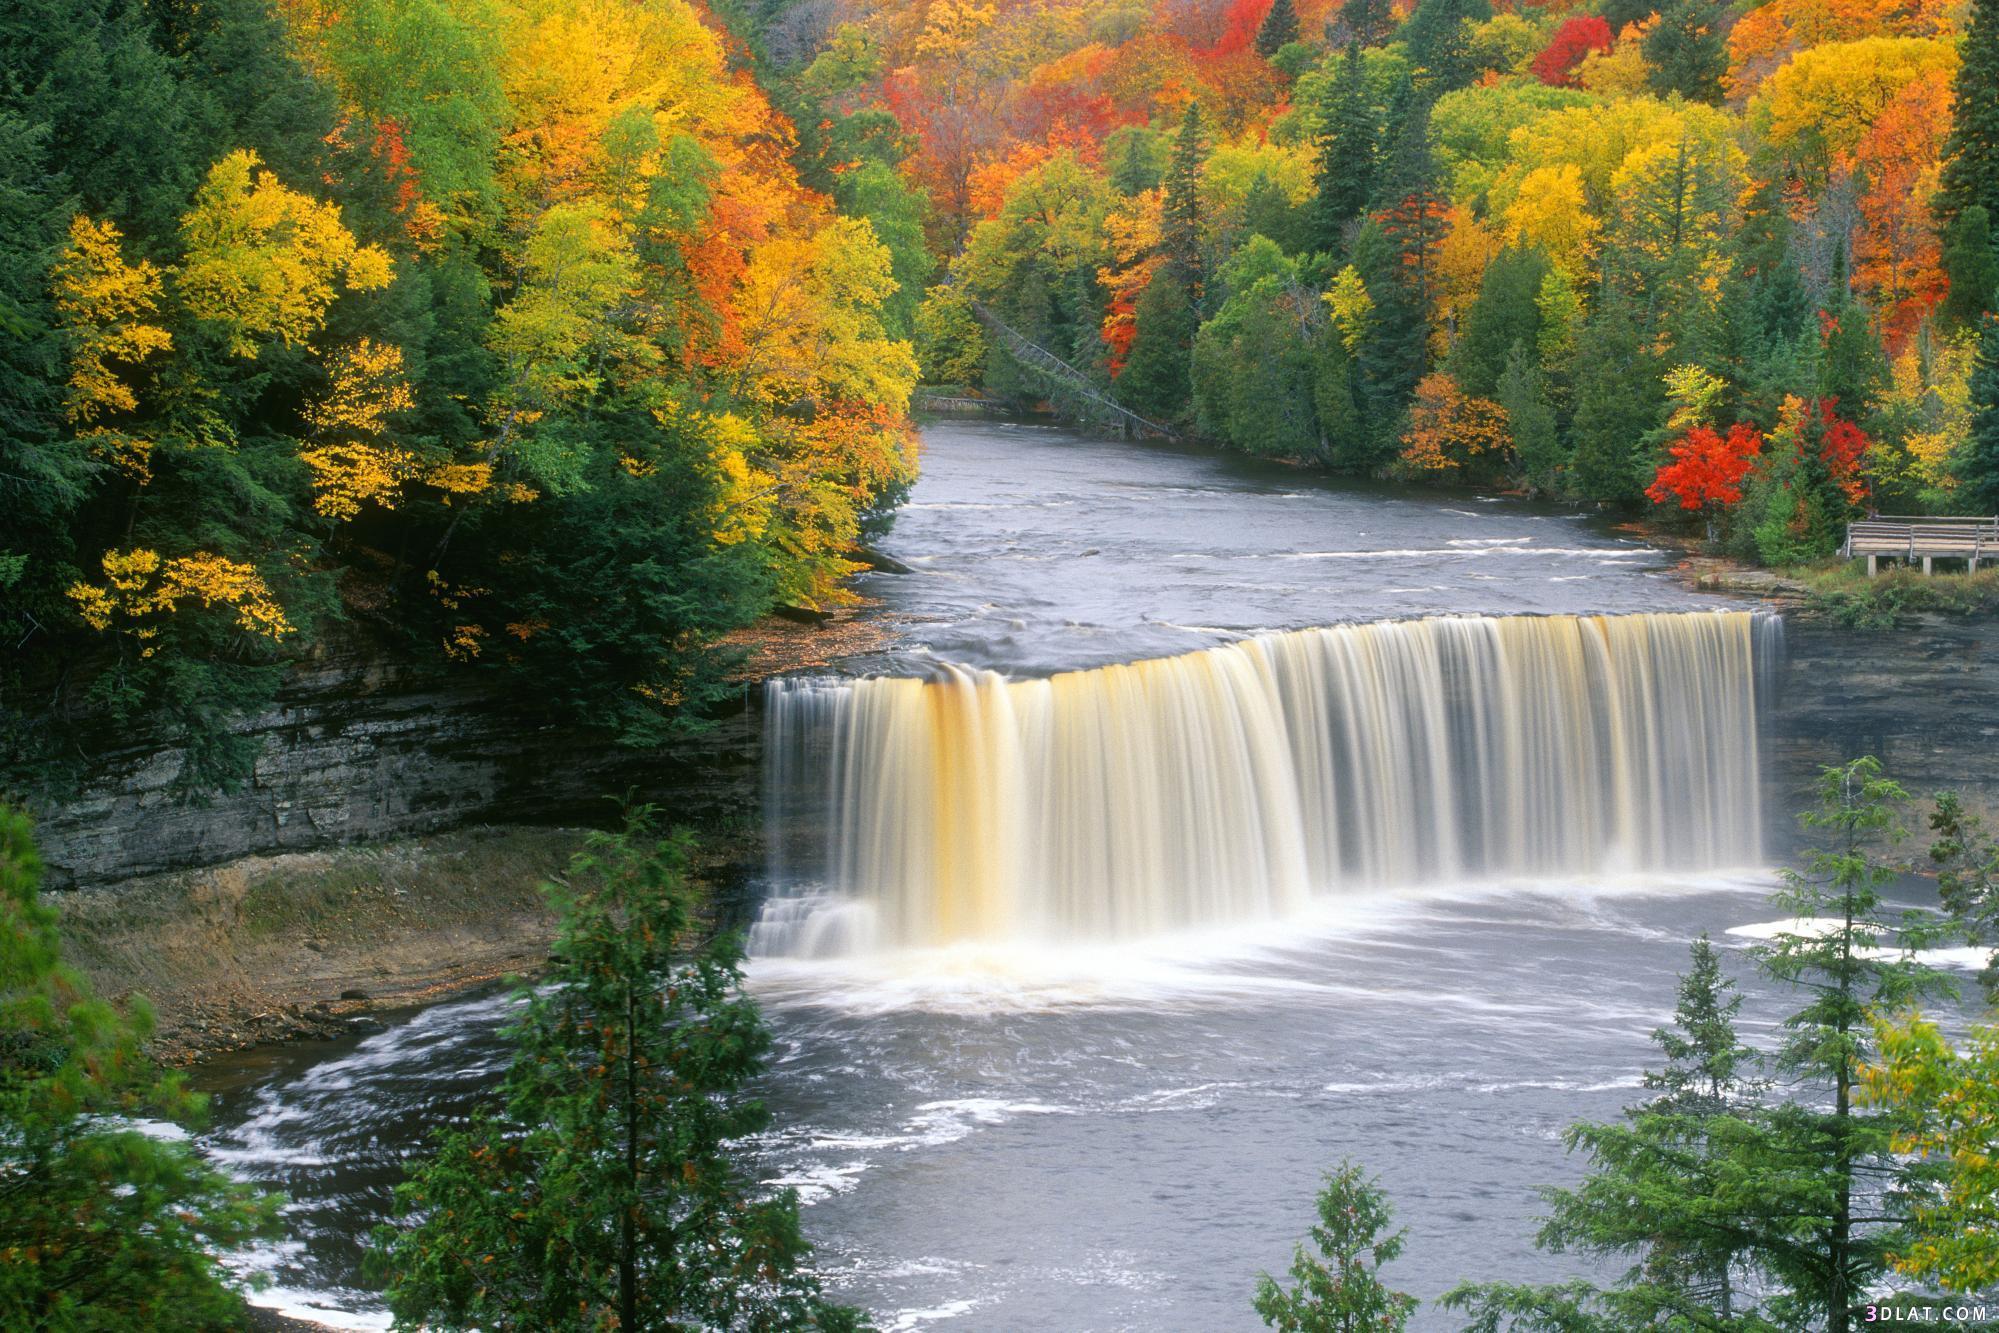 صورة اجمل صور للمناظر الطبيعية , خلفيات جميلة للطبيعة الساحرة الخلابة